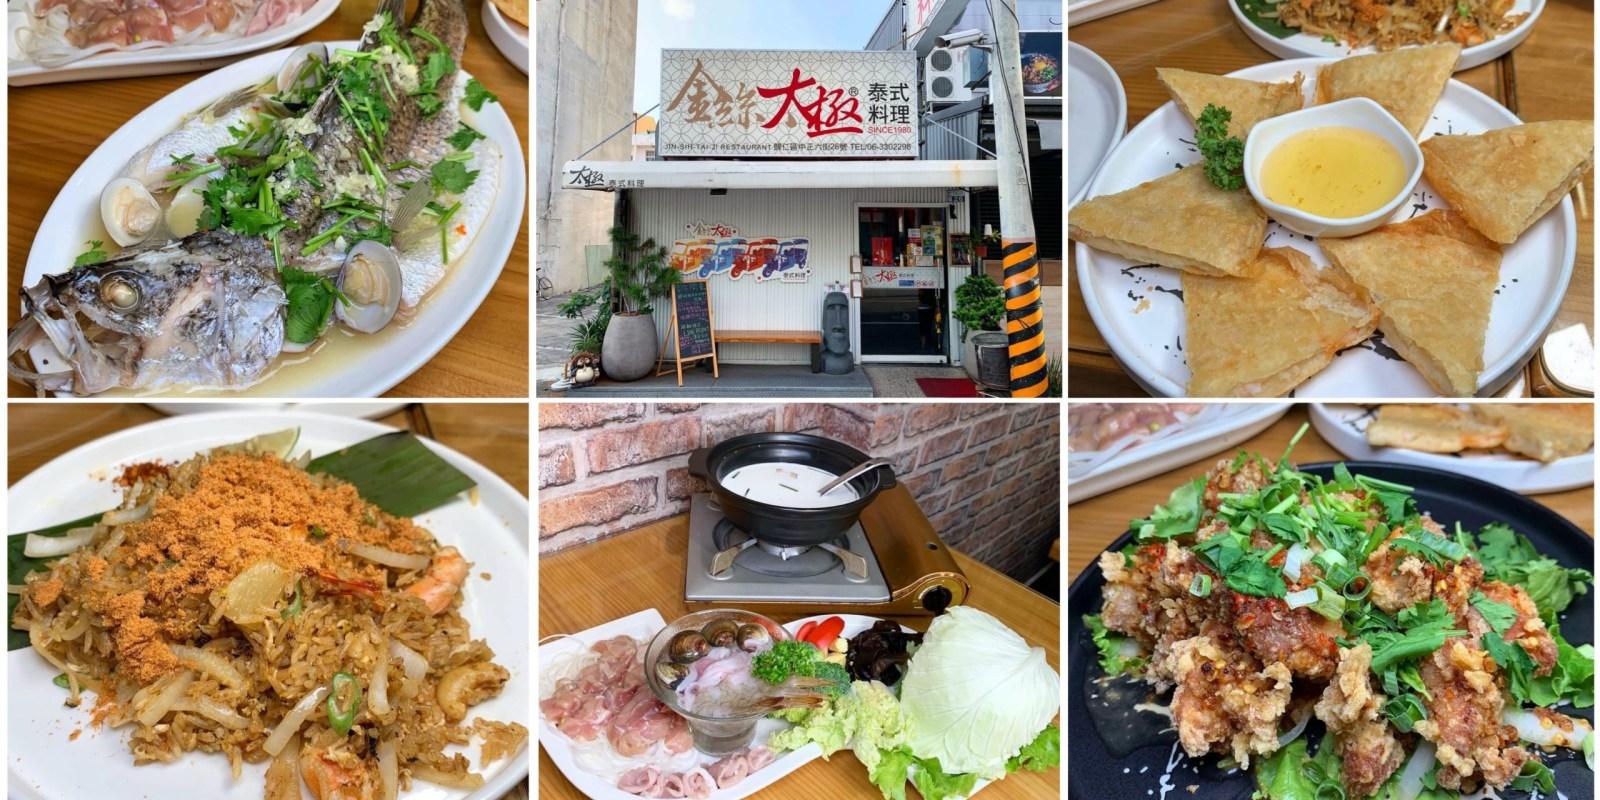 台南泰式料理懶人包 - 收錄台南最有特色的泰式餐廳!